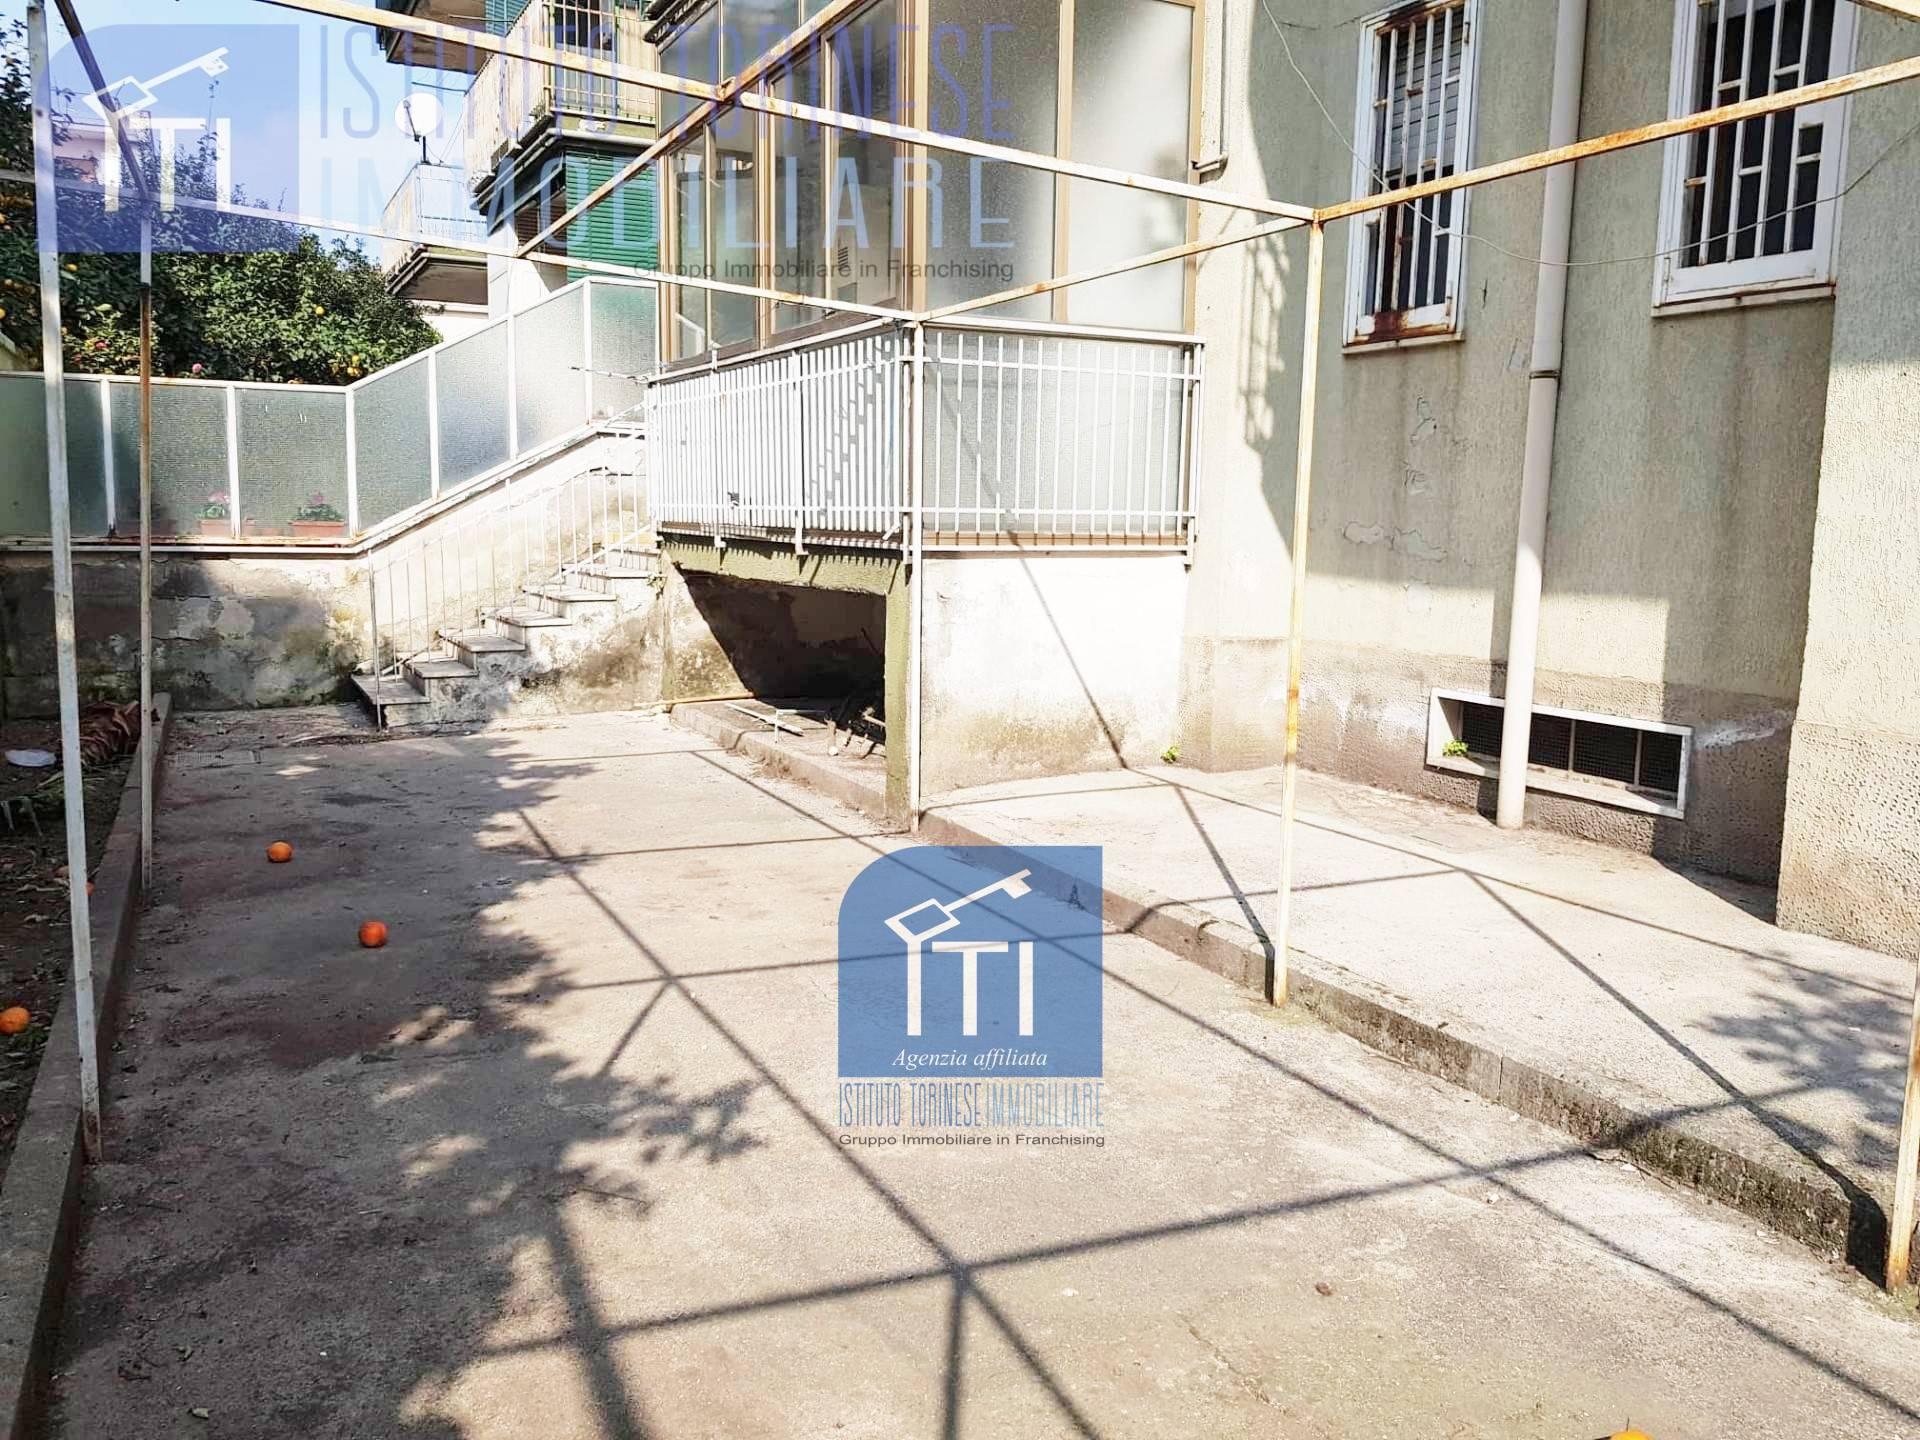 Appartamento in vendita a Qualiano, 4 locali, prezzo € 125.000 | PortaleAgenzieImmobiliari.it